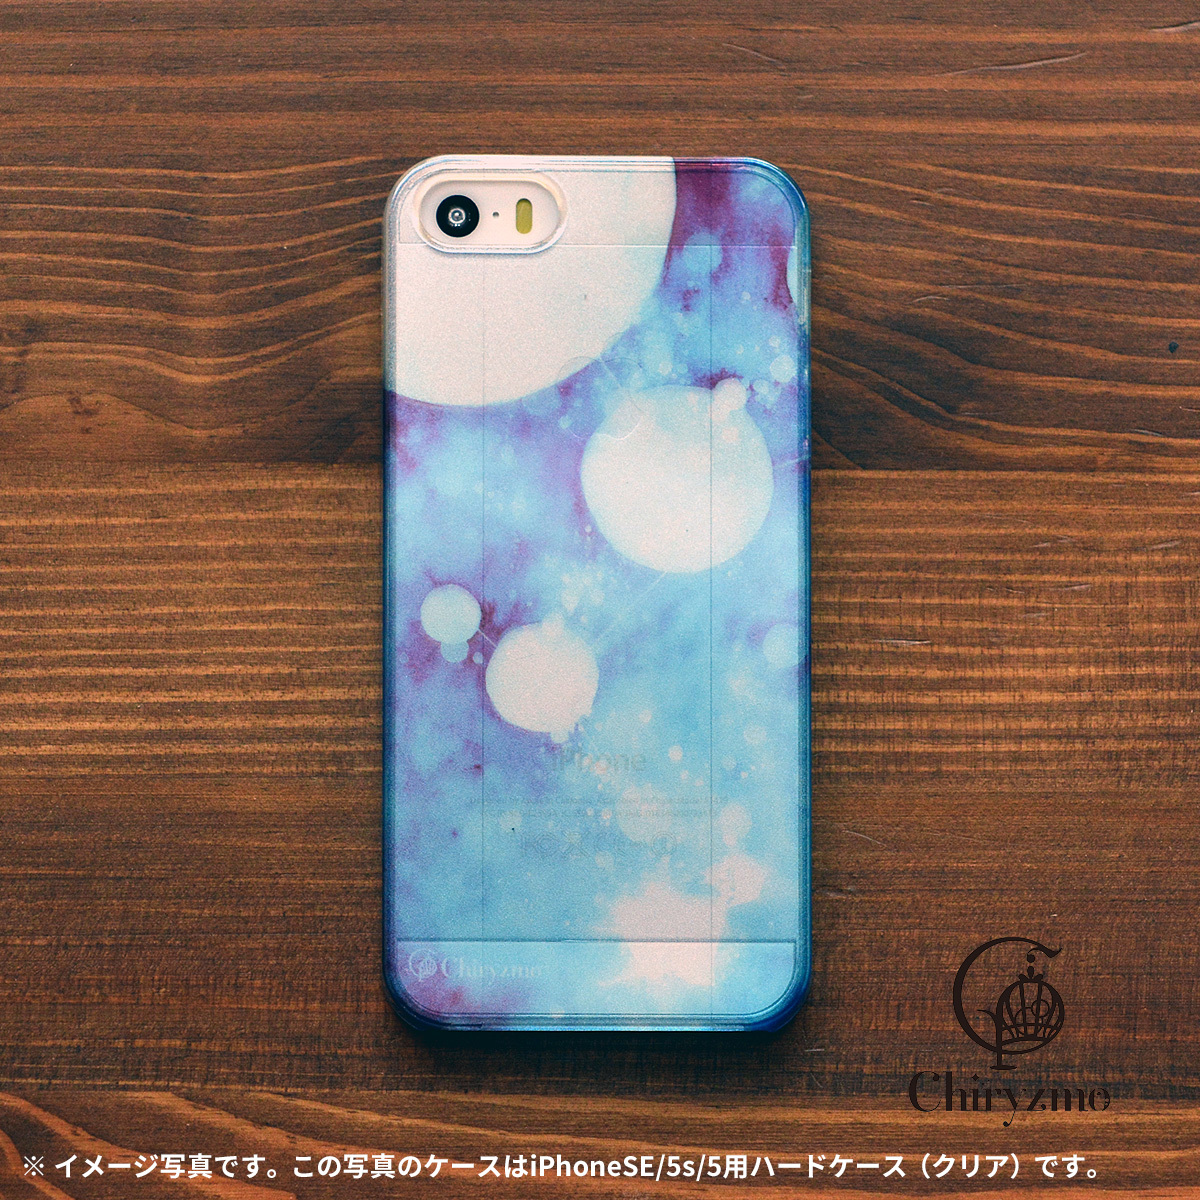 【BASE店限定】アイフォンse ケース クリア iPhoneSE クリアケース キラキラ かわいい 新生活 合格祝い 思考回路に沈む/Chiryzmo